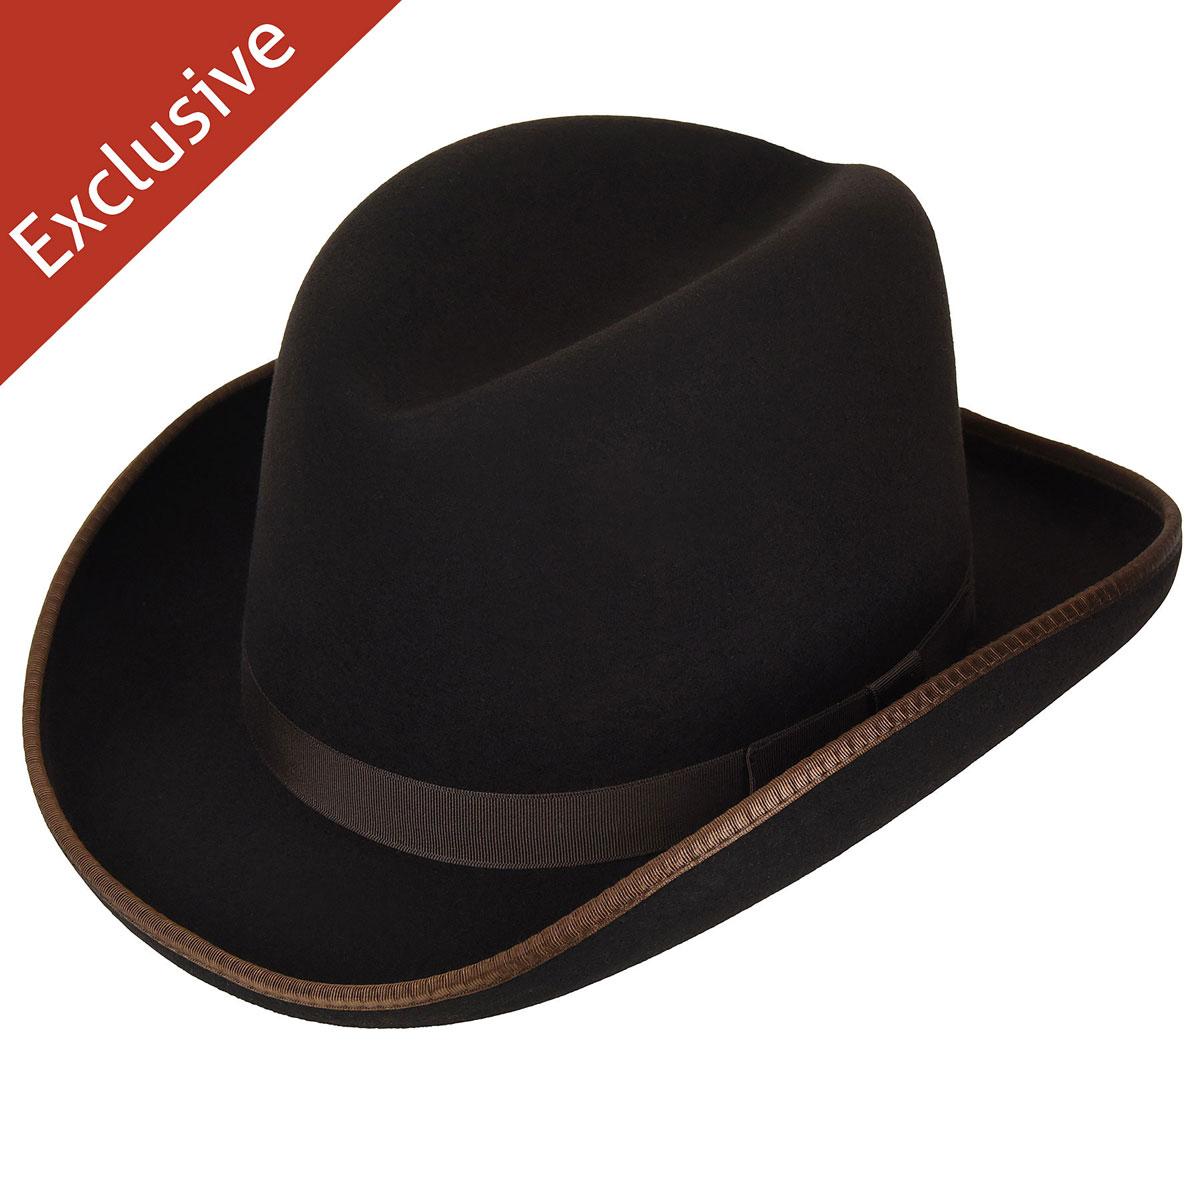 Hats.com Big Boss Homburg - Exclusive in Cordova